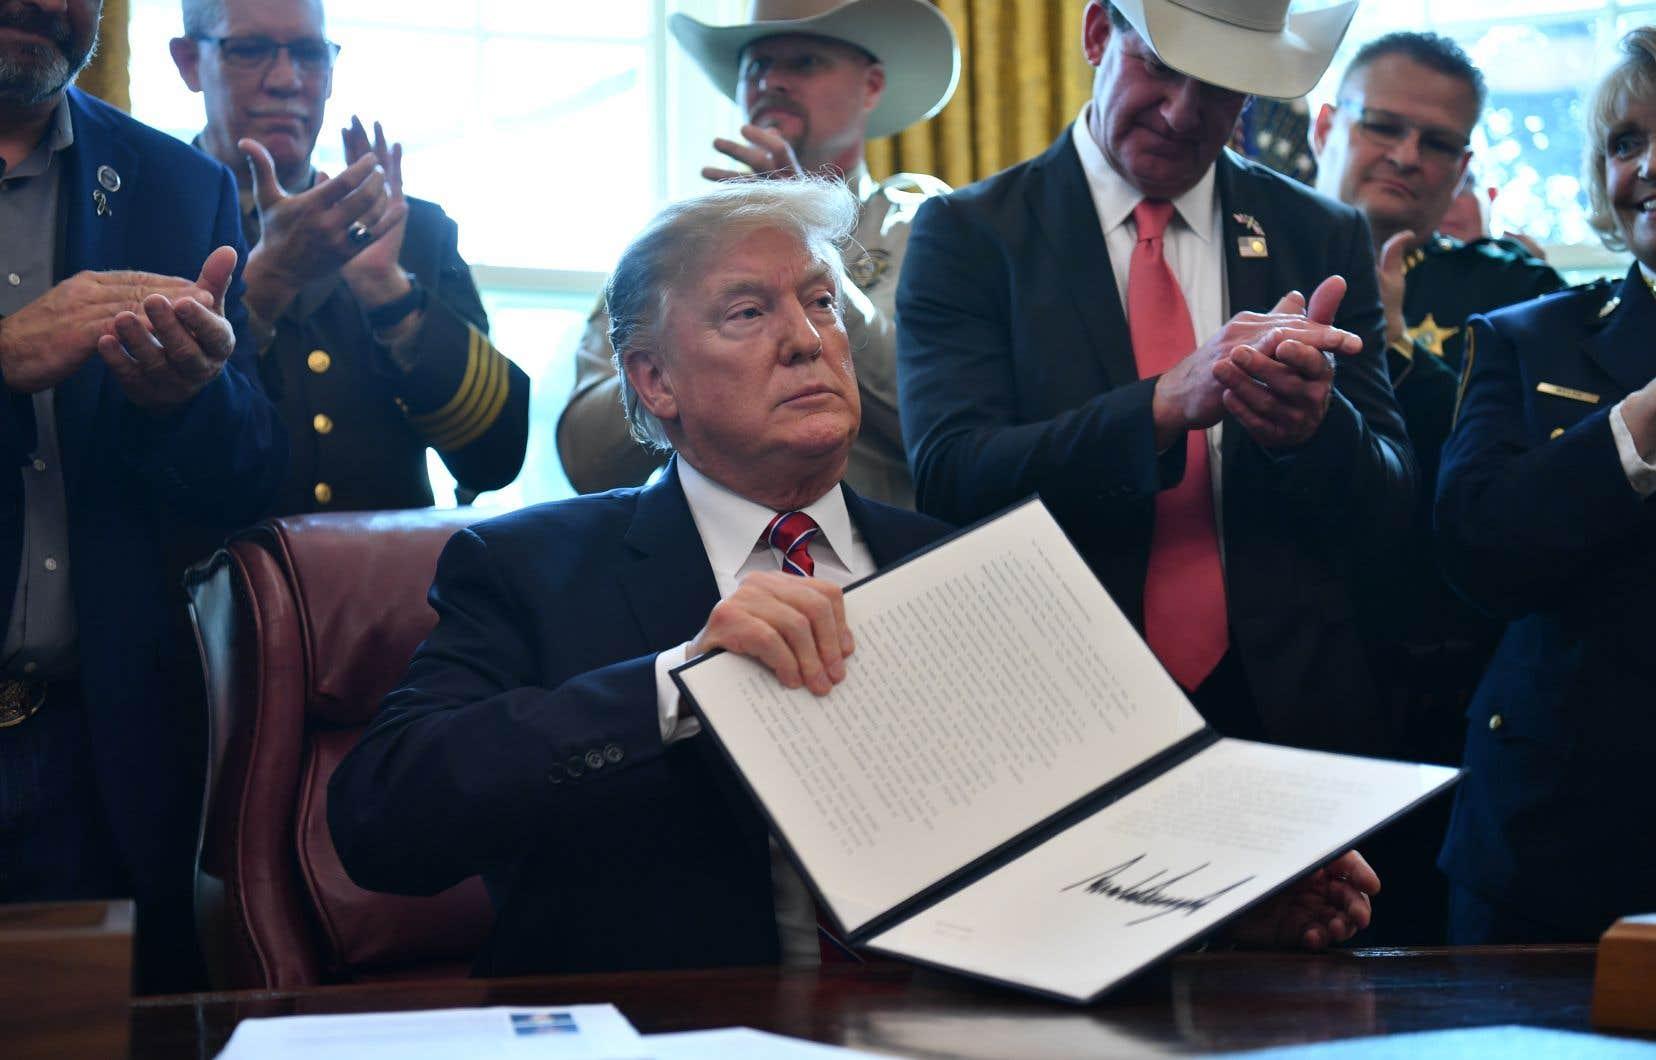 Le président américain, Donald Trump, a fait usage de son veto pour financer la construction de son mur frontalier.